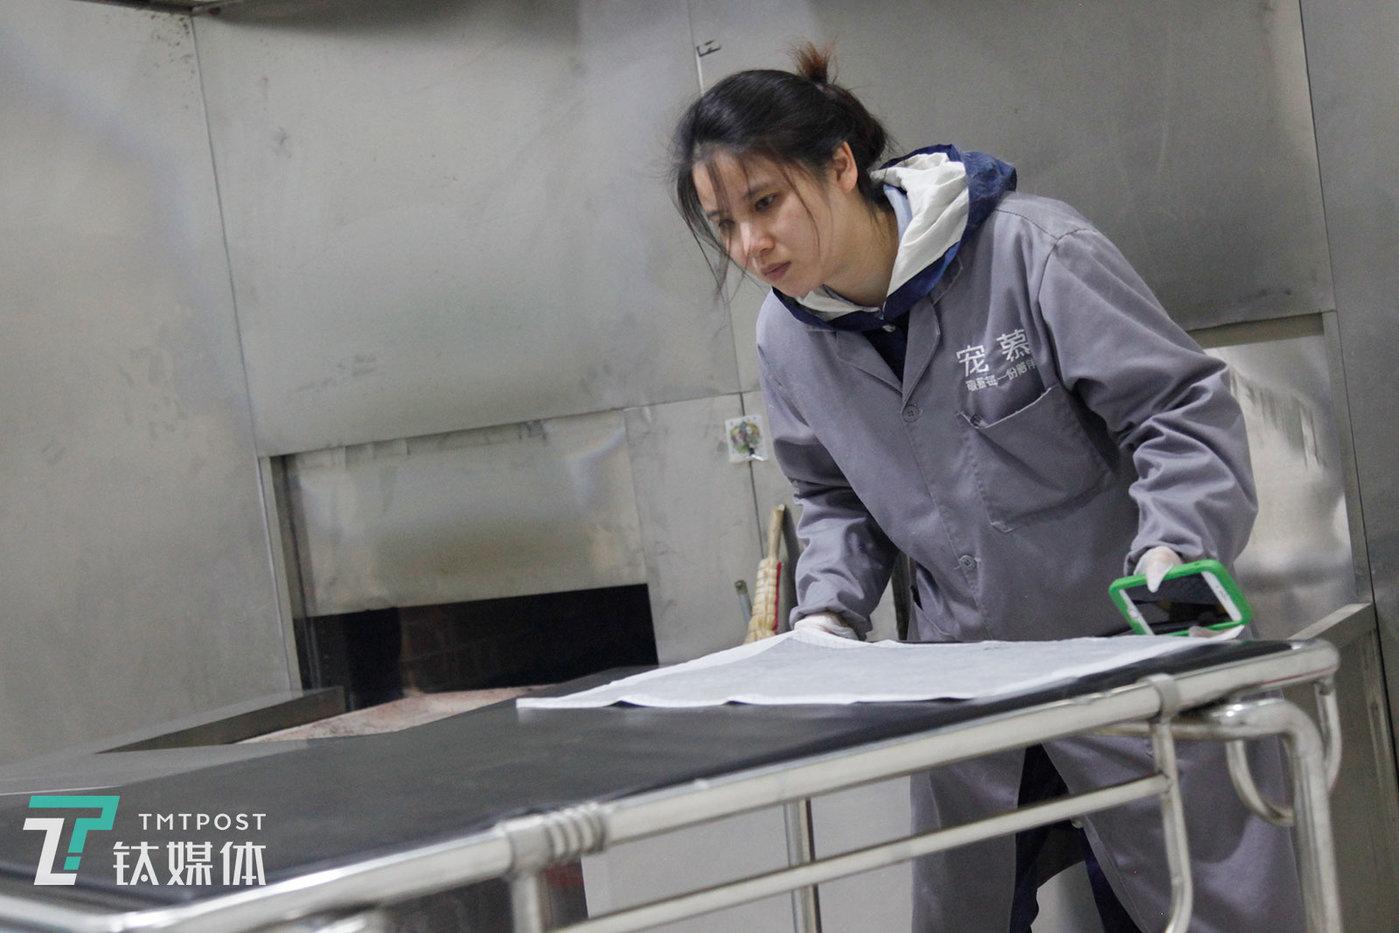 3月19日,北京,宠物殡葬师莫莫准备清理放置宠物遗体的手推车。莫莫2018年开始做宠物殡葬,在那之前有6年时间她一直从事人的殡葬服务,转行是因为她养了7年的哈士奇:爱犬一天天衰老,莫莫想在它离开那天亲手送走它,于是转行宠物殡葬。